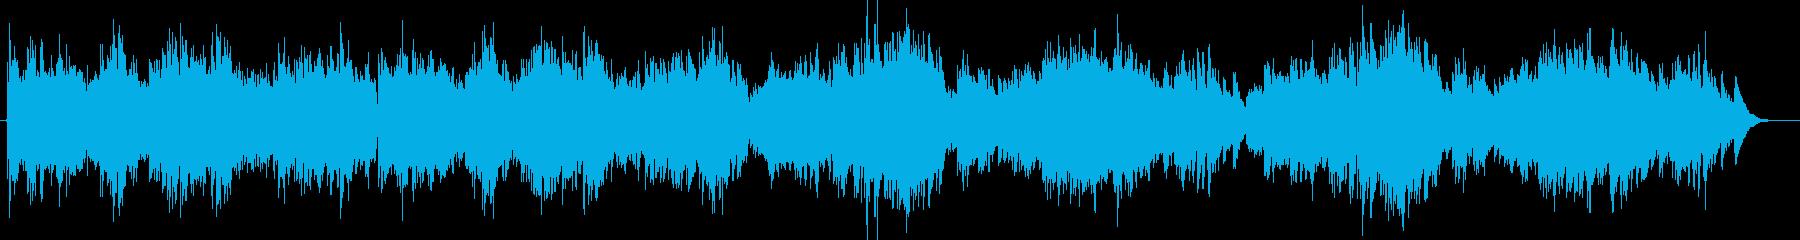 軽快なノリの良い3拍子のピアノ曲。の再生済みの波形